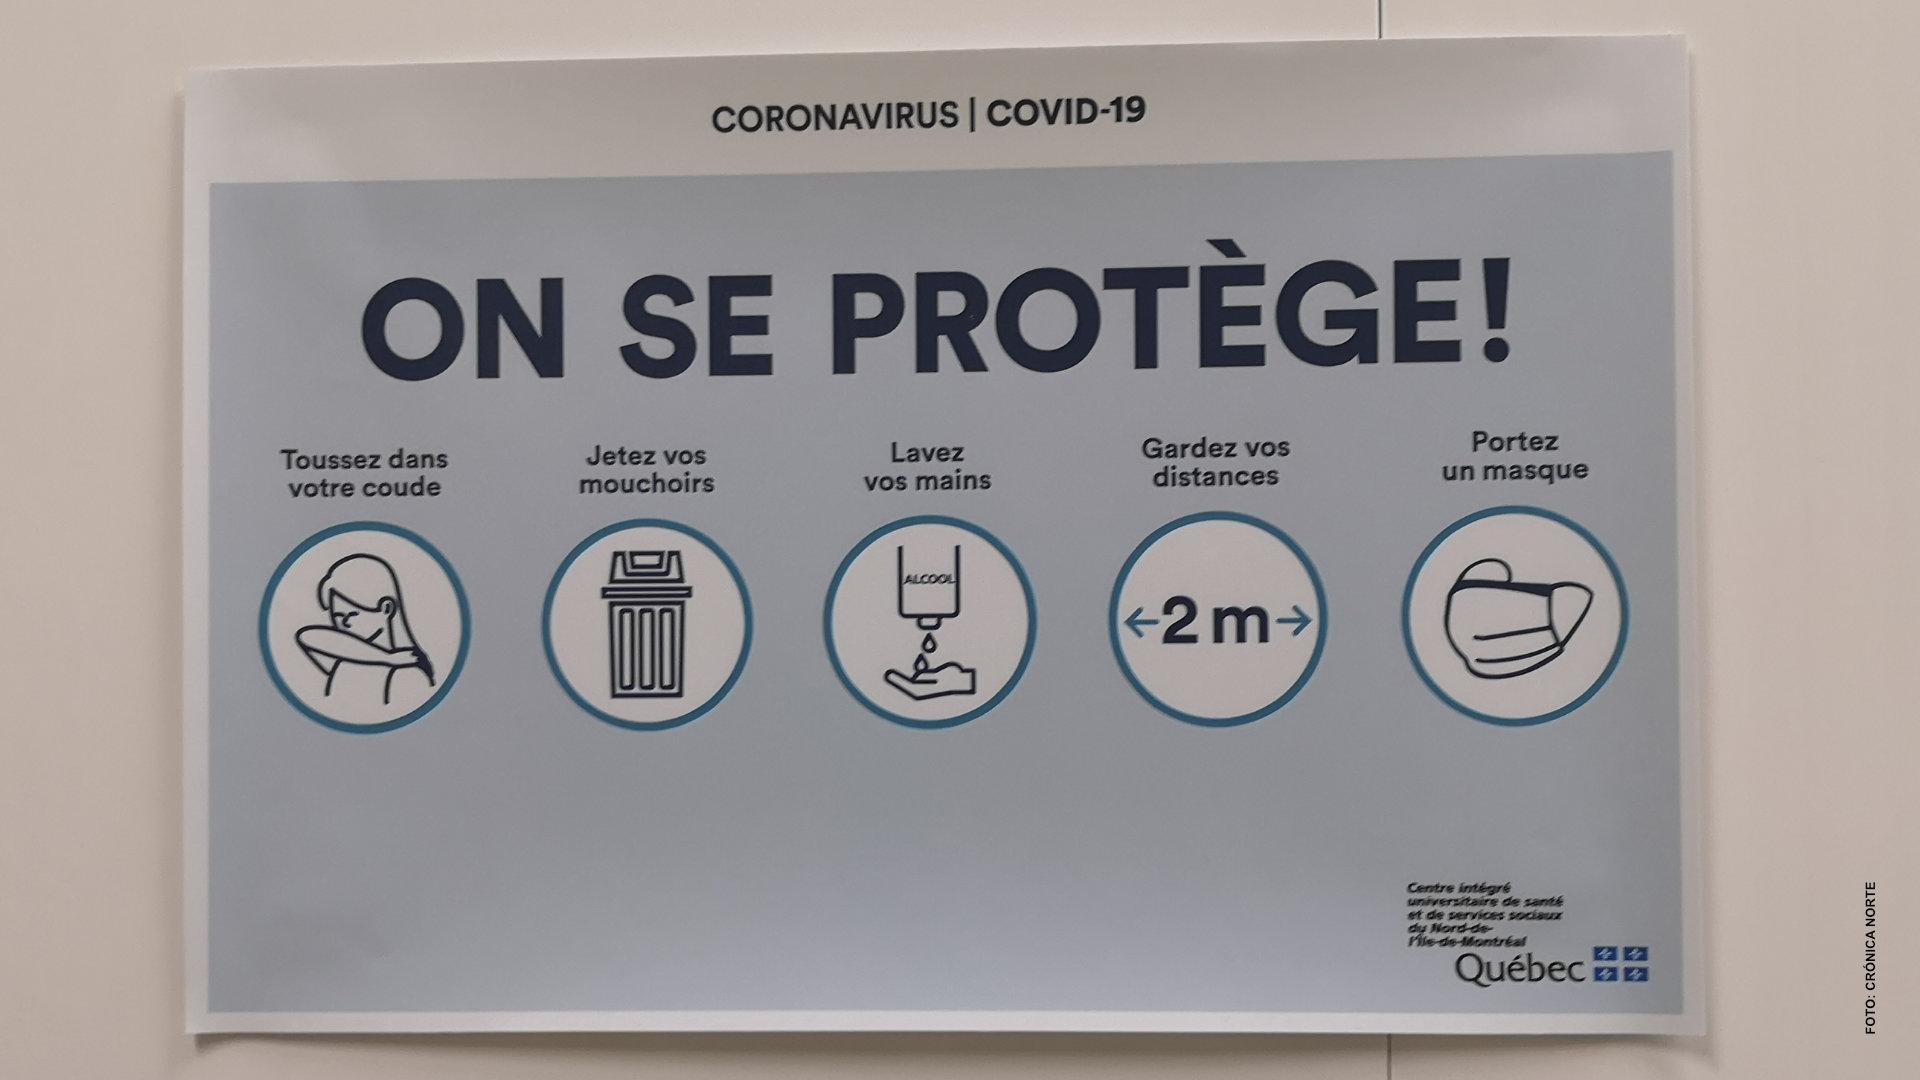 Quebec prolonga restricciones sanitarias cuatro semanas más